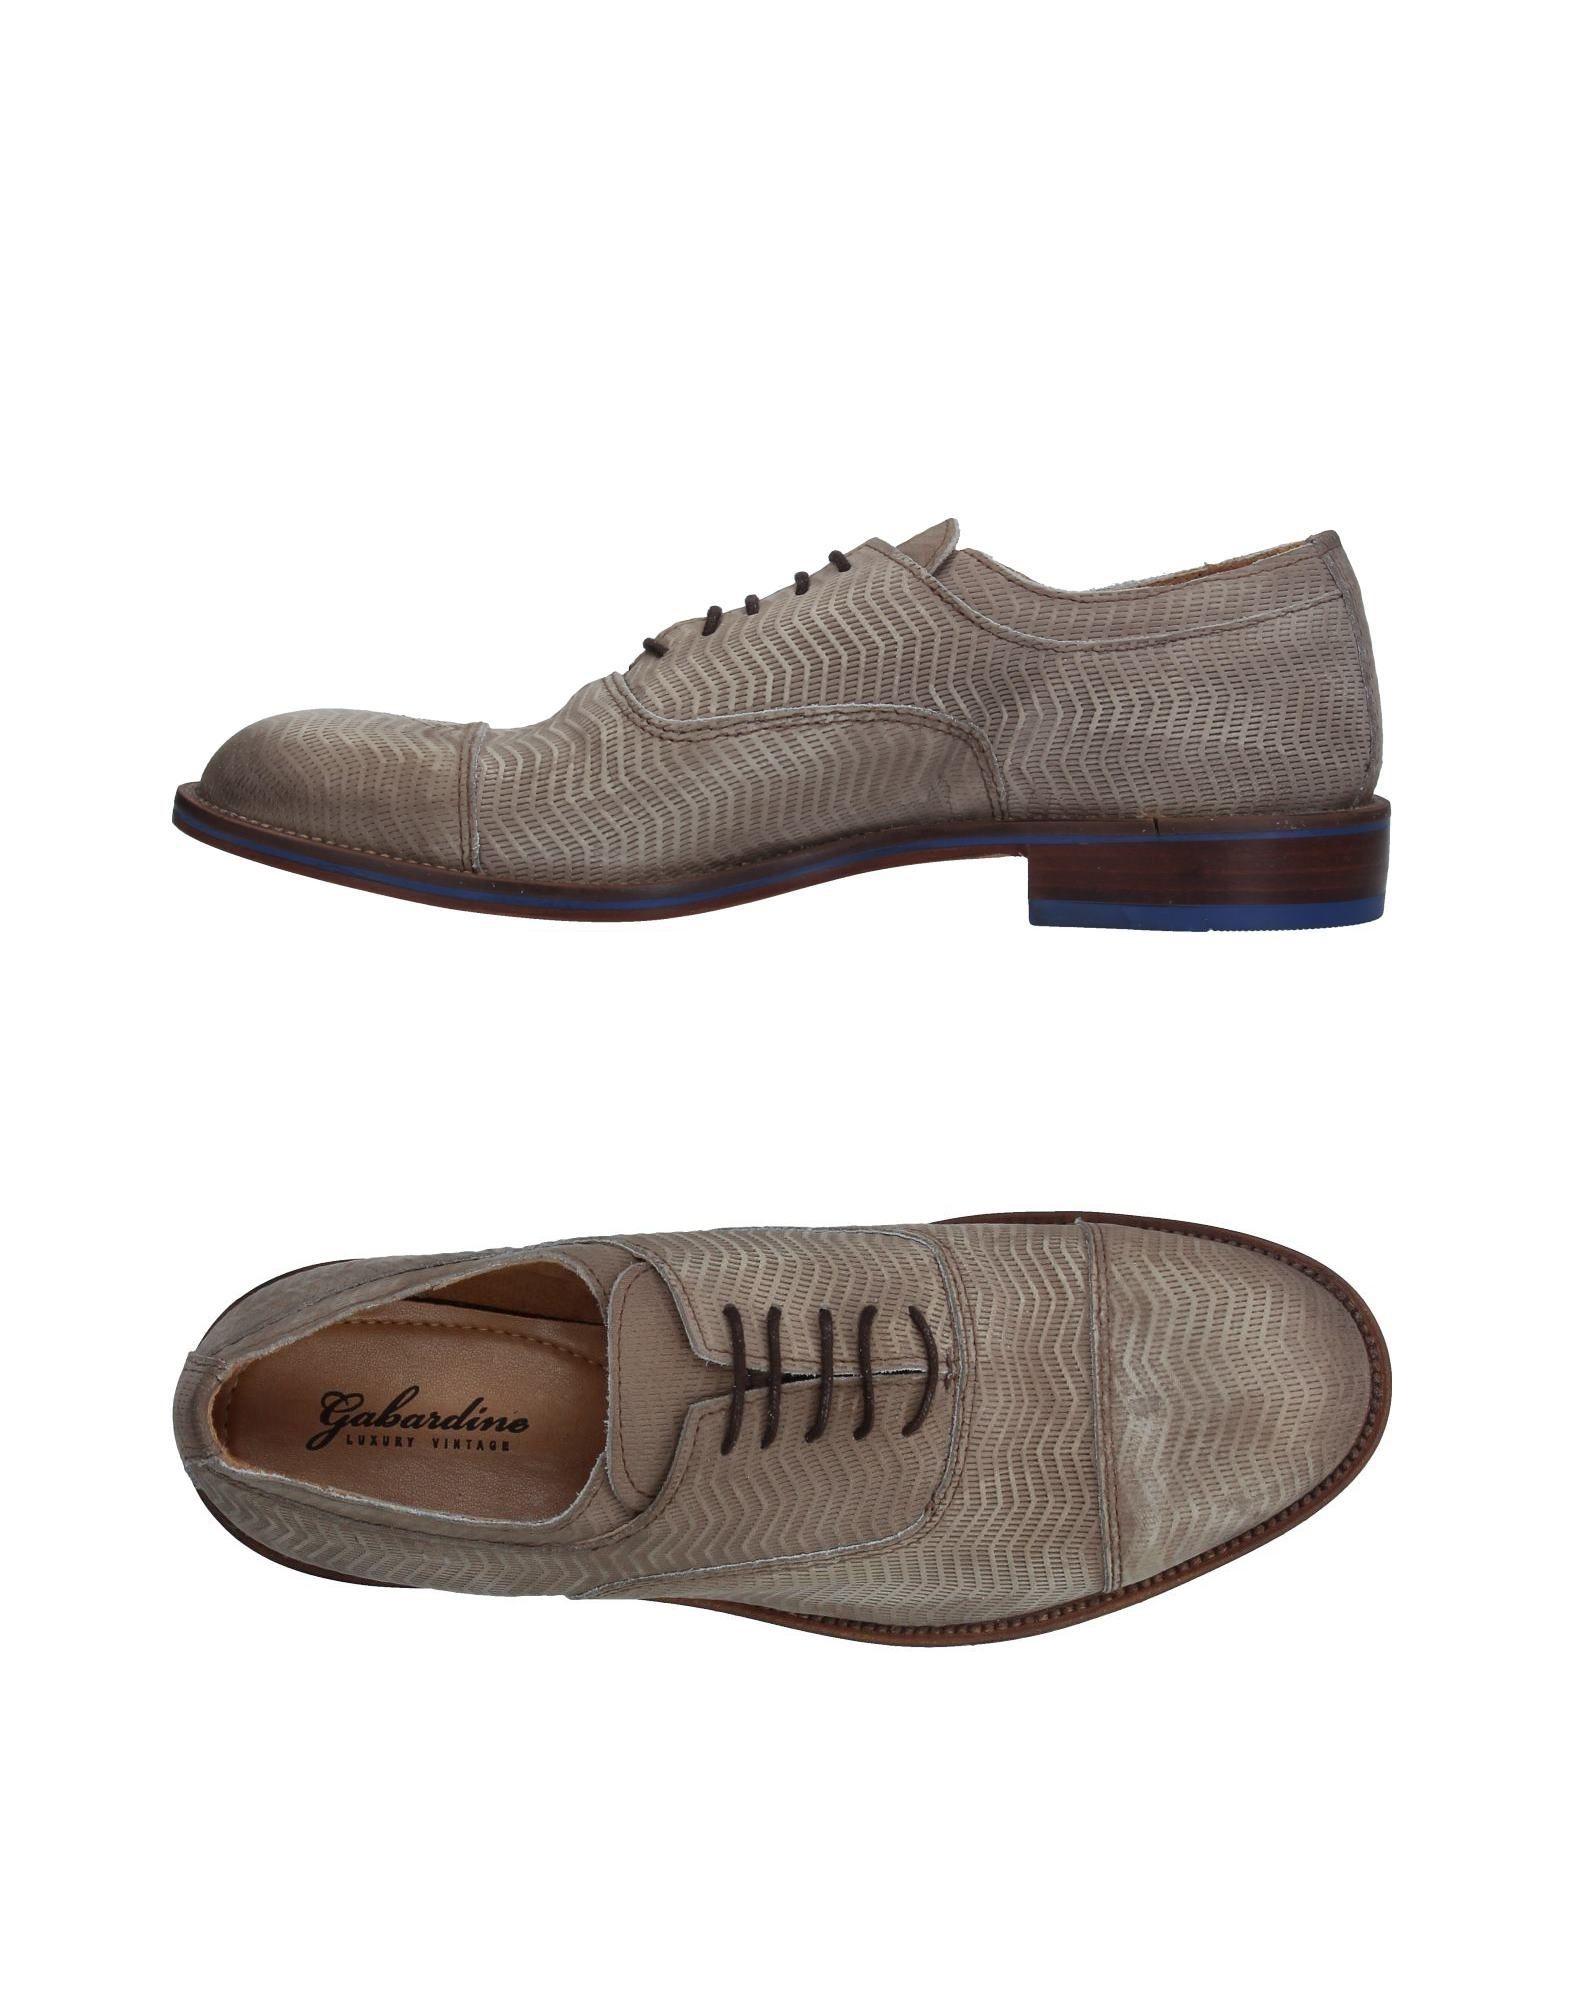 Schnürschuhe Gabardine Schnürschuhe  Herren  11328556KE Heiße Schuhe f1ebd2